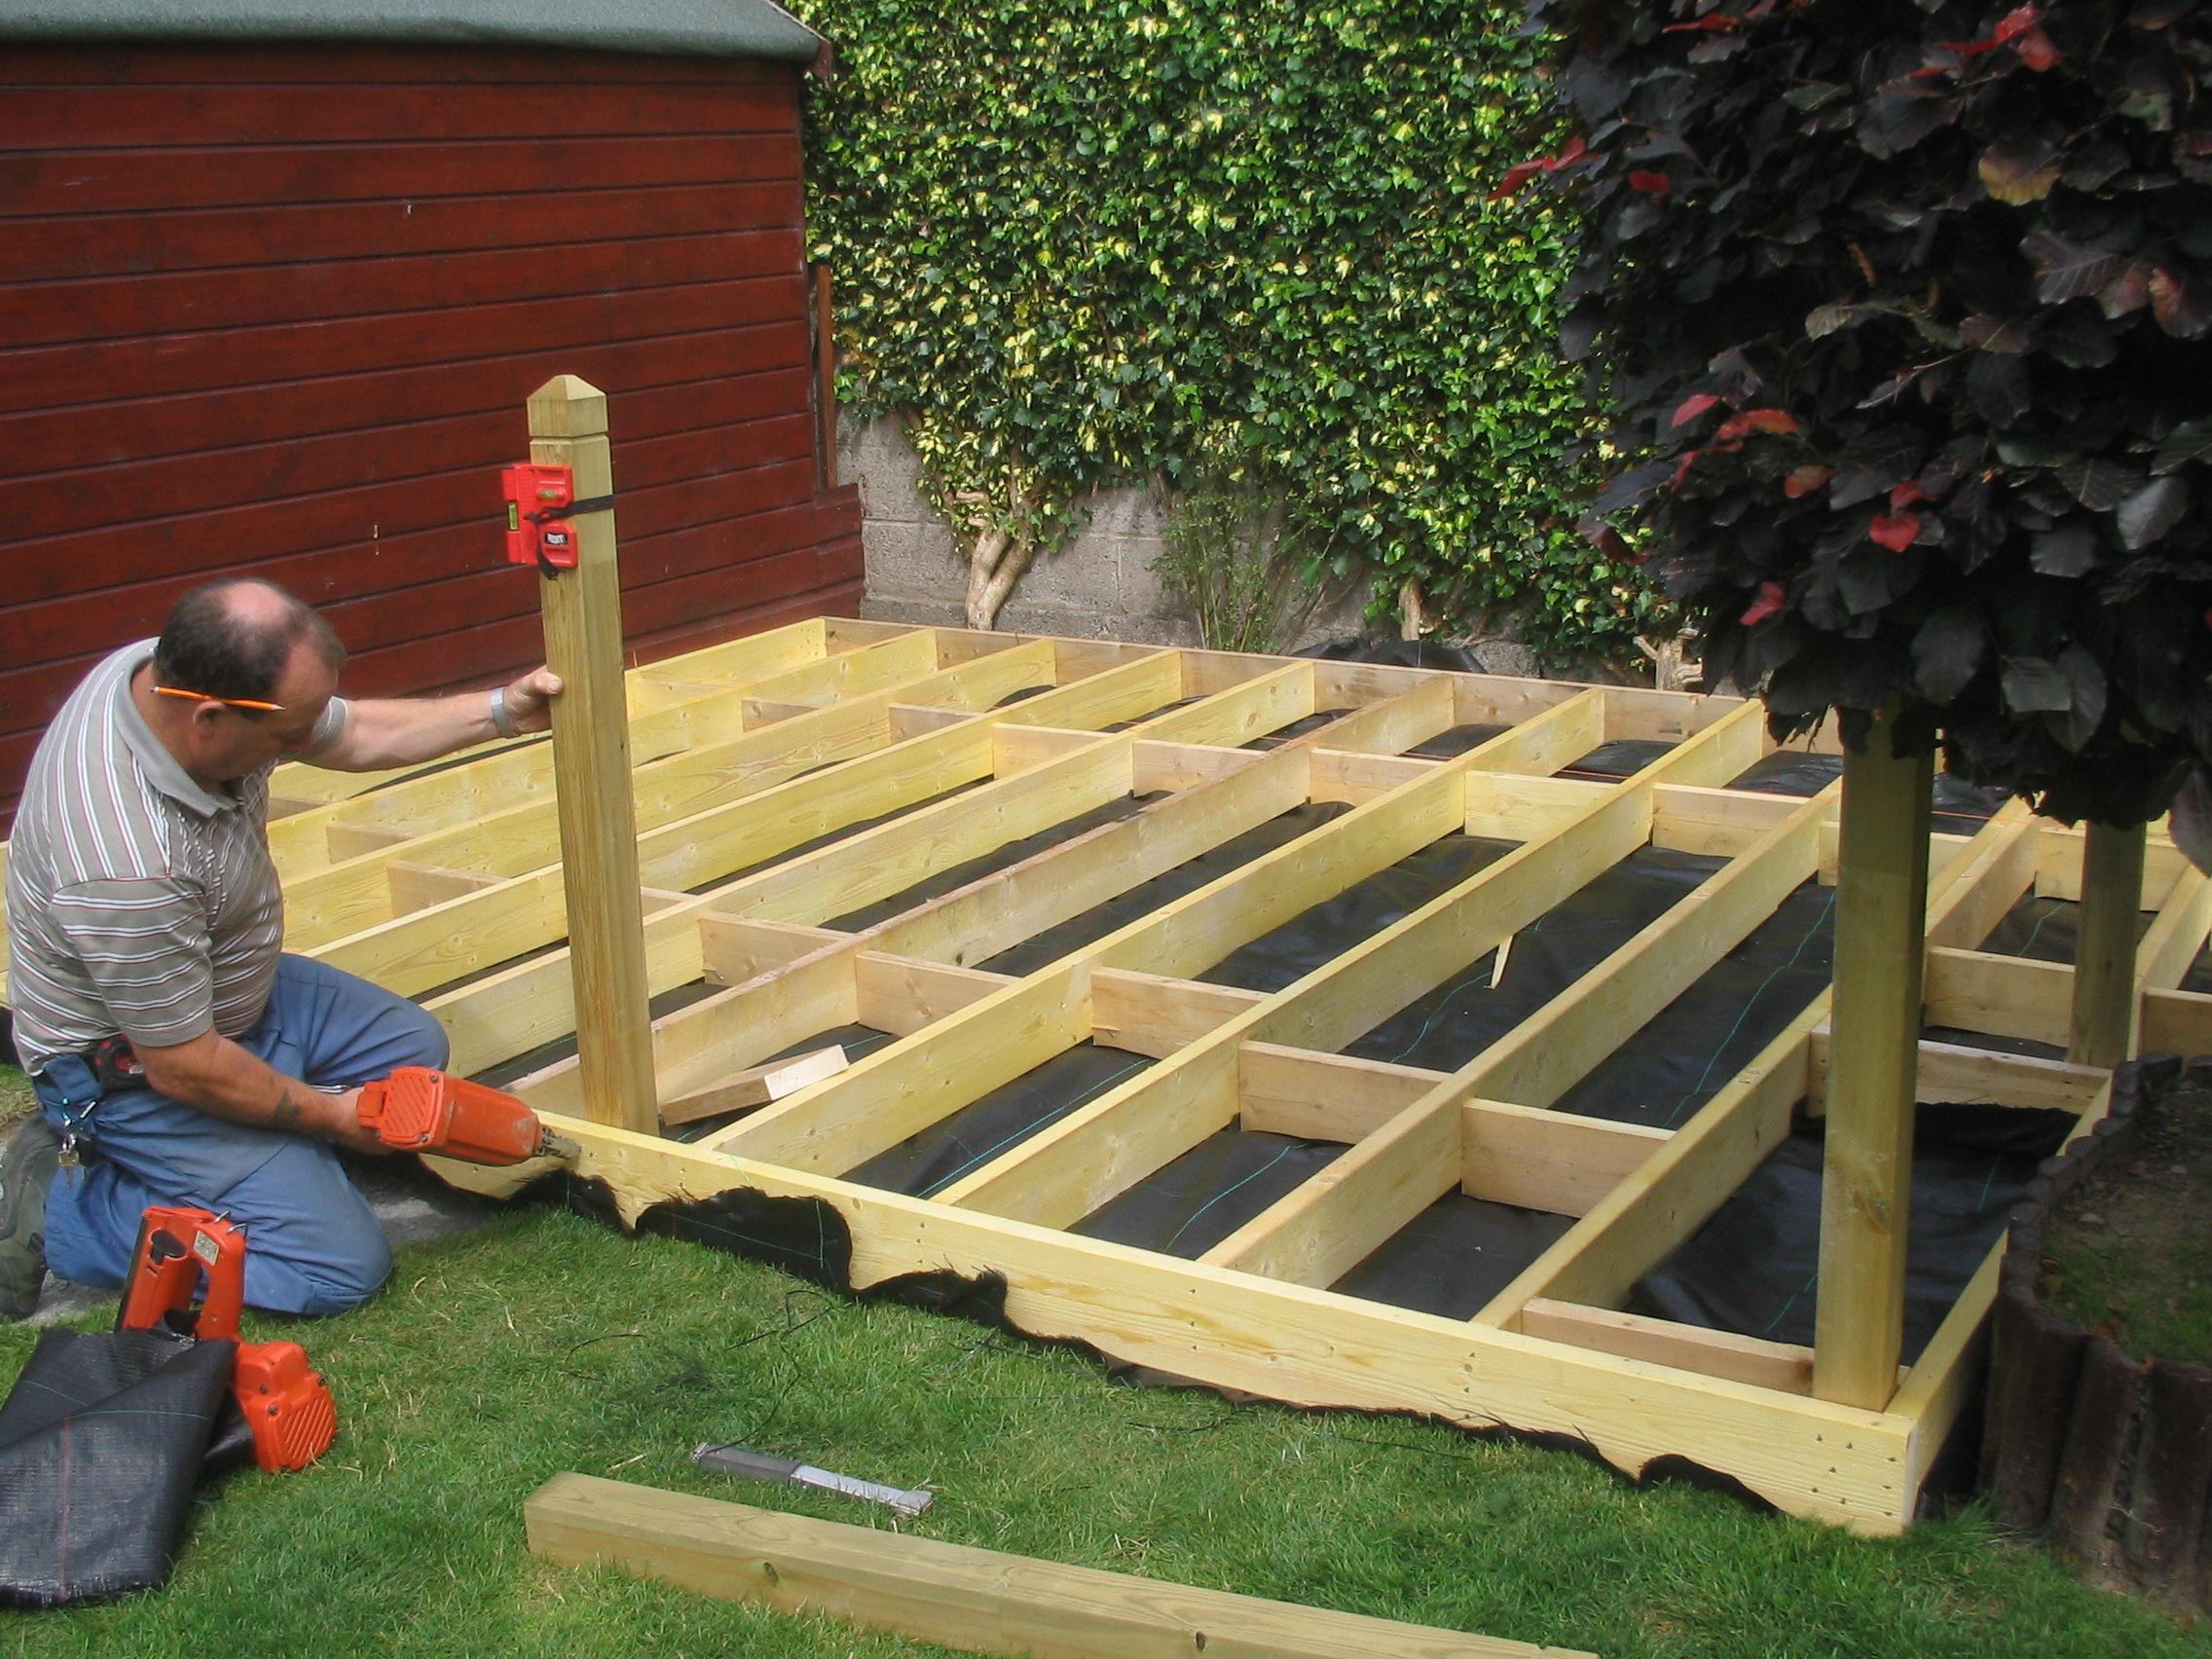 Garden design ideas with decking | Hawk Haven